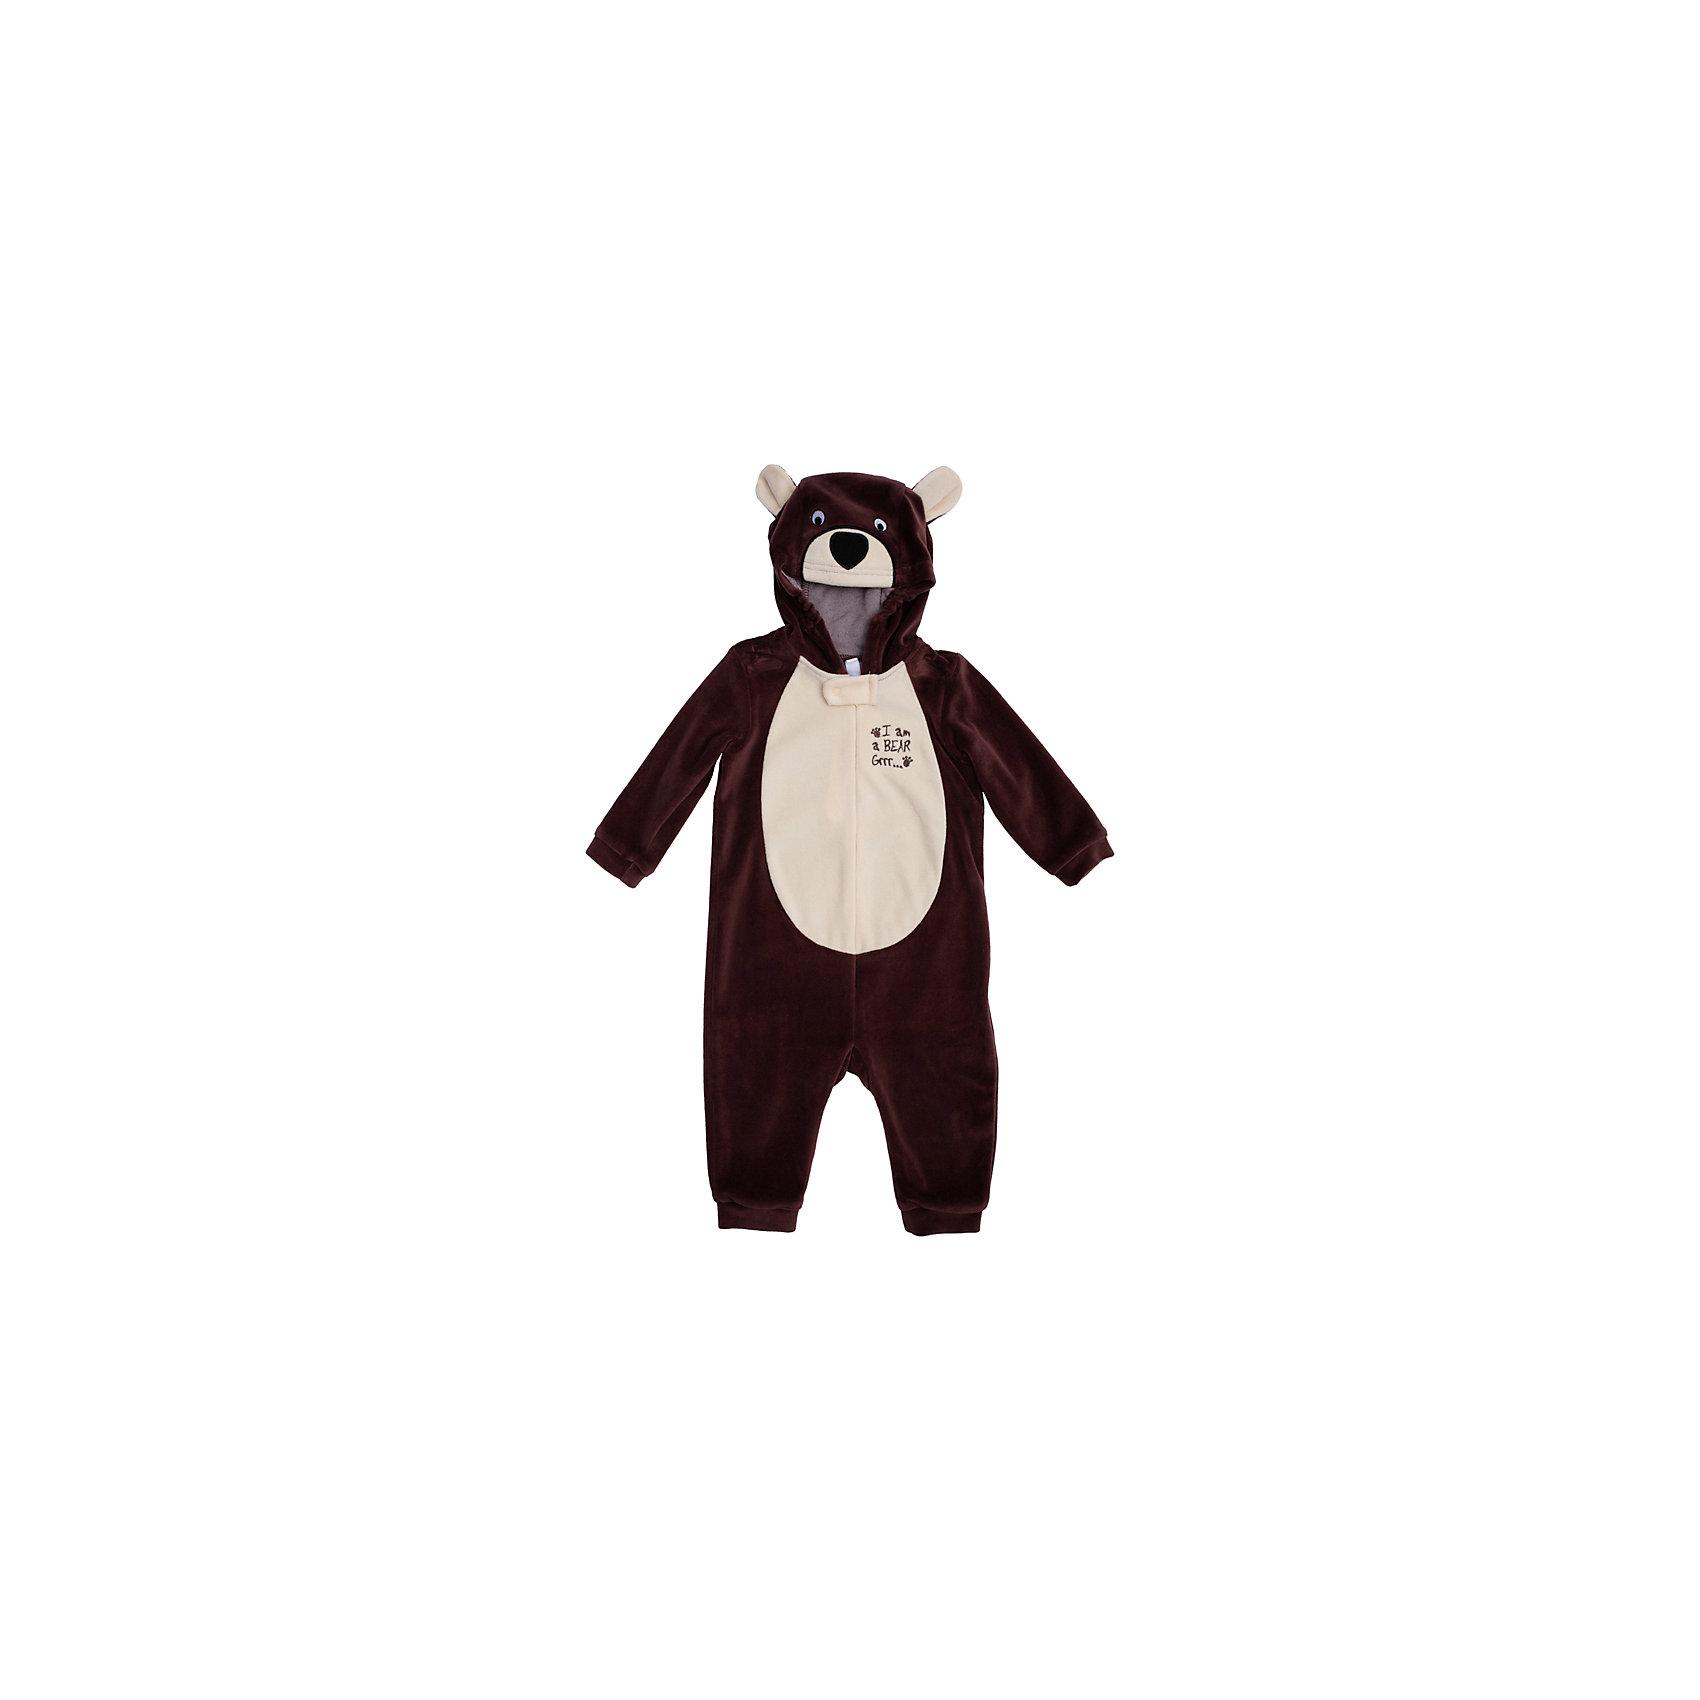 Комбинезон для мальчика PlayTodayКарнавальные костюмы и аксессуары<br>Характеристики:<br><br>• Вид одежды: комбинезон<br>• Предназначение: карнавальный костюм, повседневная одежда<br>• Пол: для мальчика<br>• Сезон: зима, демисезонный<br>• Материал: хлопок – 80%, полиэстер – 20%<br>• Цвет: коричневый, светло-бежевый<br>• Рукав: длинный<br>• Вырез горловины: круглый<br>• Застежка: молния спереди<br>• Наличие капюшона<br>• Особенности ухода: ручная стирка без применения отбеливающих средств, глажение при низкой температуре <br><br>PlayToday – это линейка детской одежды, которая предназначена как для повседневности, так и для праздников. Большинство моделей выполнены в классическом стиле, сочетающем в себе традиции с яркими стильными элементами и аксессуарами. Весь ассортимент одежды сочетается между собой по стилю и цветовому решению, поэтому Вам будет легко сформировать гардероб вашего ребенка, который отражает его индивидуальность. <br>Комбинезон для мальчика PlayToday – яркий, стильный и оригинальный наряд, который может быть использован не только в качестве теплой одежды, но и в качестве карнавального костюма. Комбинезон выполнен из велюра высокого качества. Стиль комбинезона представляет собой имитацию медвежонка: коричневые детали сочетаются со светлой грудкой, и капюшоном-мордочкой с ушками. На рукавах и штанинах предусмотрены эластичные манжеты коричневого цвета. Комбинезон удобно надевать и снимать: спереди по всей длине имеется застежка-молния. <br><br>Комбинезон для мальчика PlayToday можно купить в нашем интернет-магазине.<br><br>Ширина мм: 157<br>Глубина мм: 13<br>Высота мм: 119<br>Вес г: 200<br>Цвет: коричневый<br>Возраст от месяцев: 6<br>Возраст до месяцев: 9<br>Пол: Мужской<br>Возраст: Детский<br>Размер: 74,68,80,86,92<br>SKU: 5059477